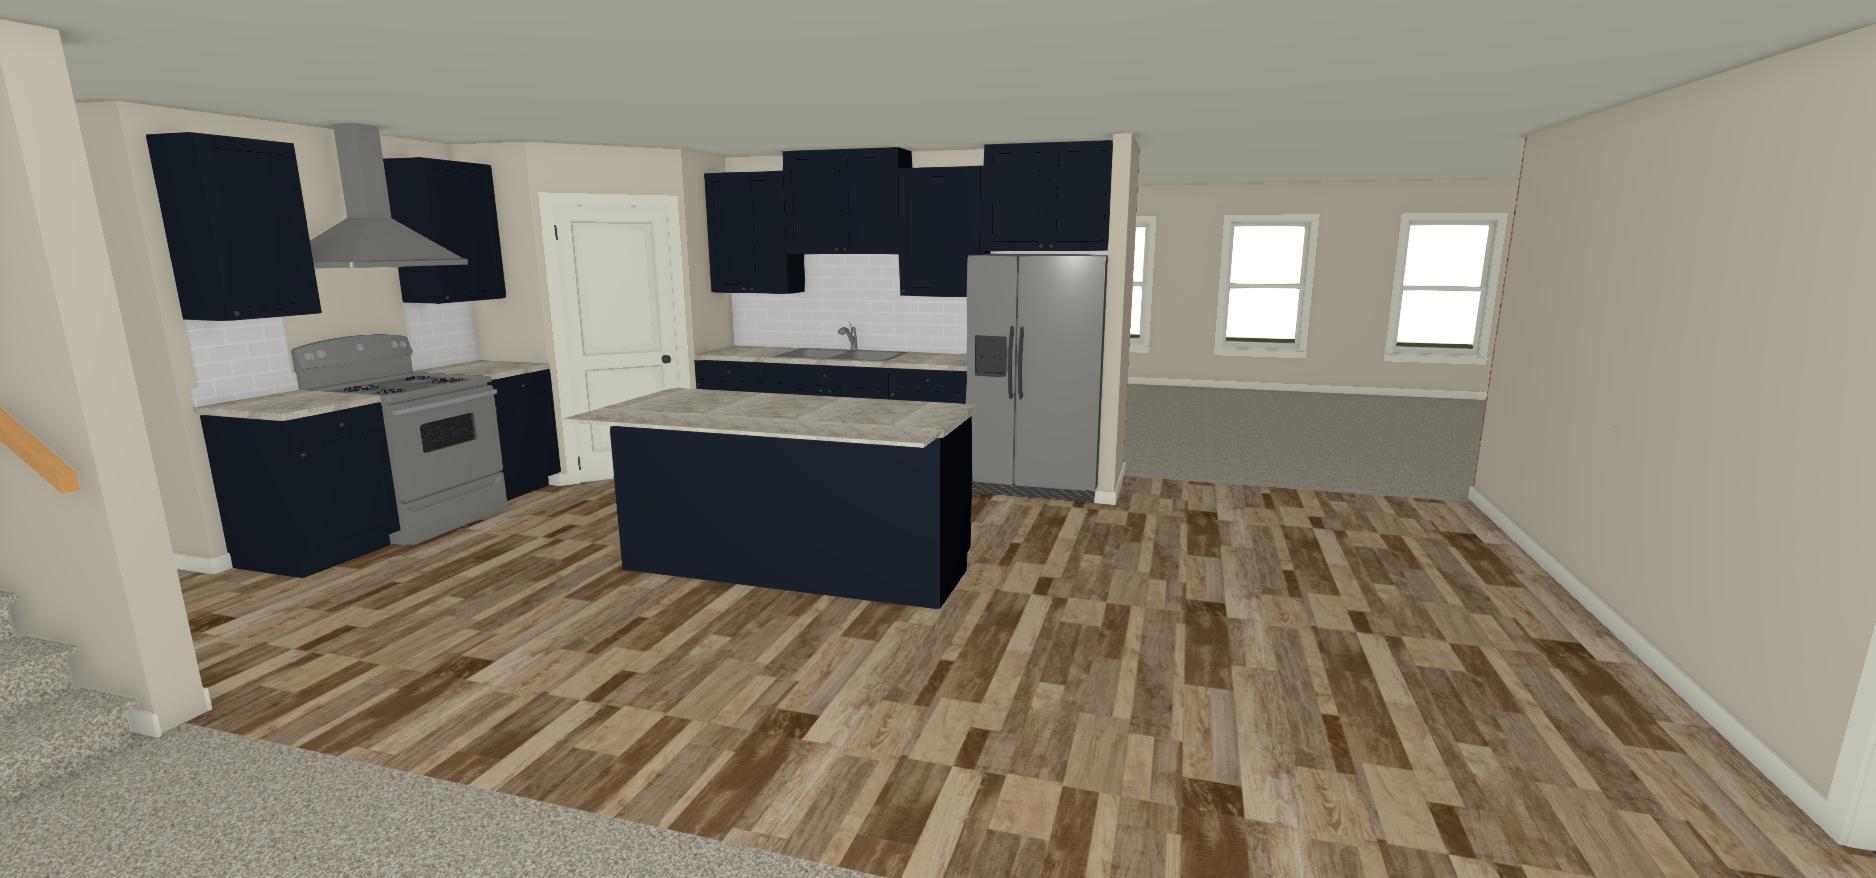 Woodward Kitchen.jpg